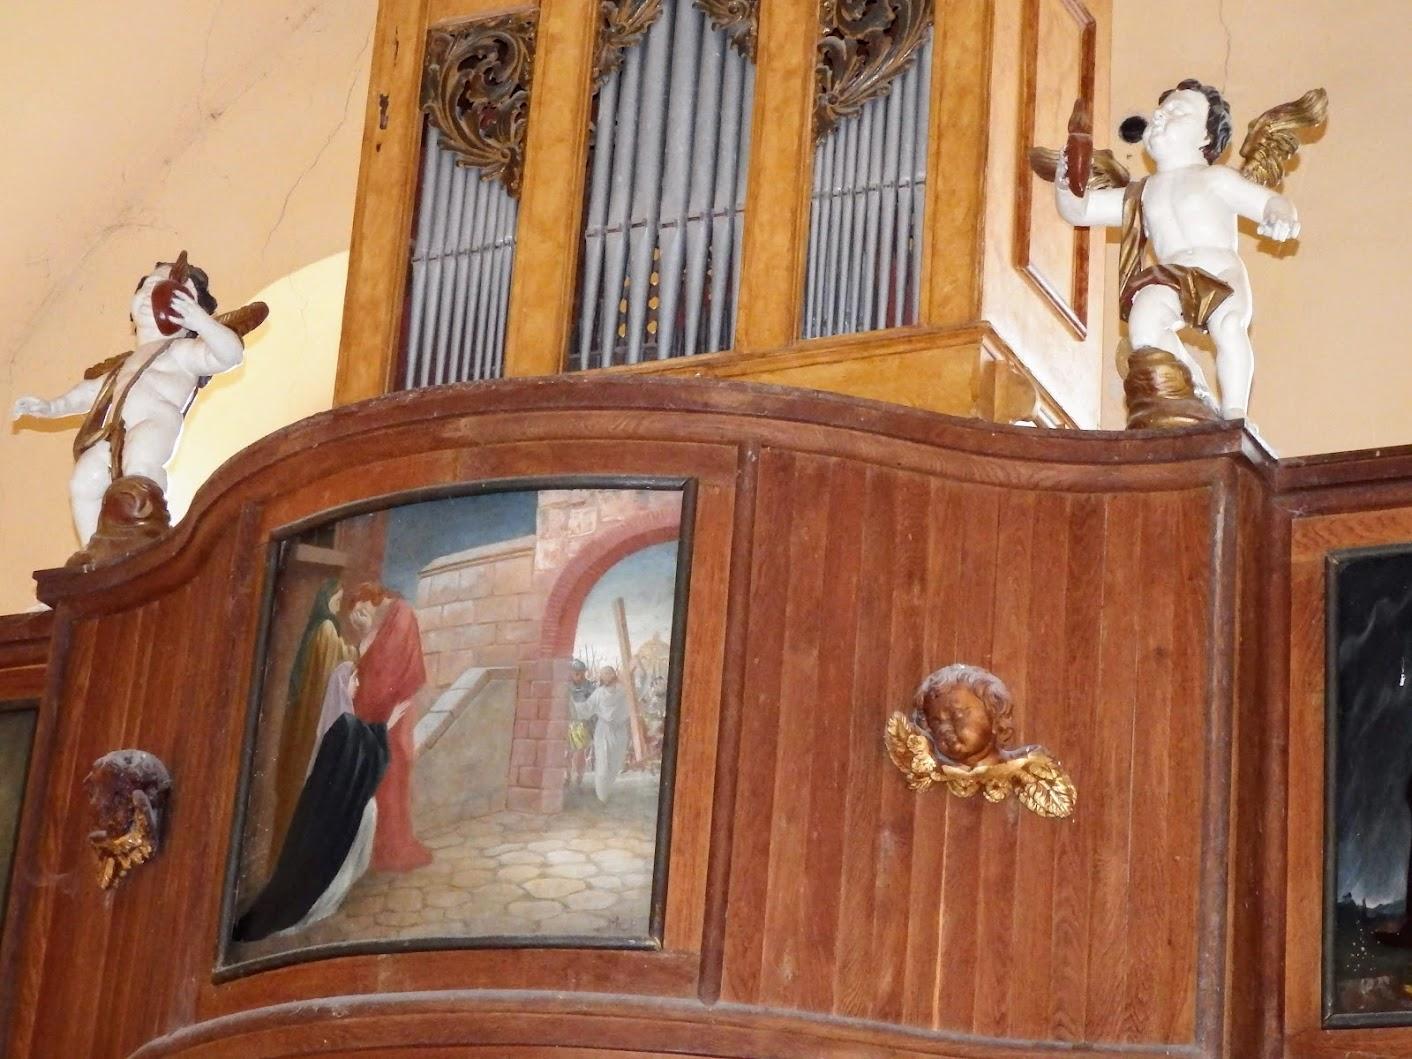 Kőszeg - Szent Kereszt felmagasztalása kálváriatemplom,templombelső